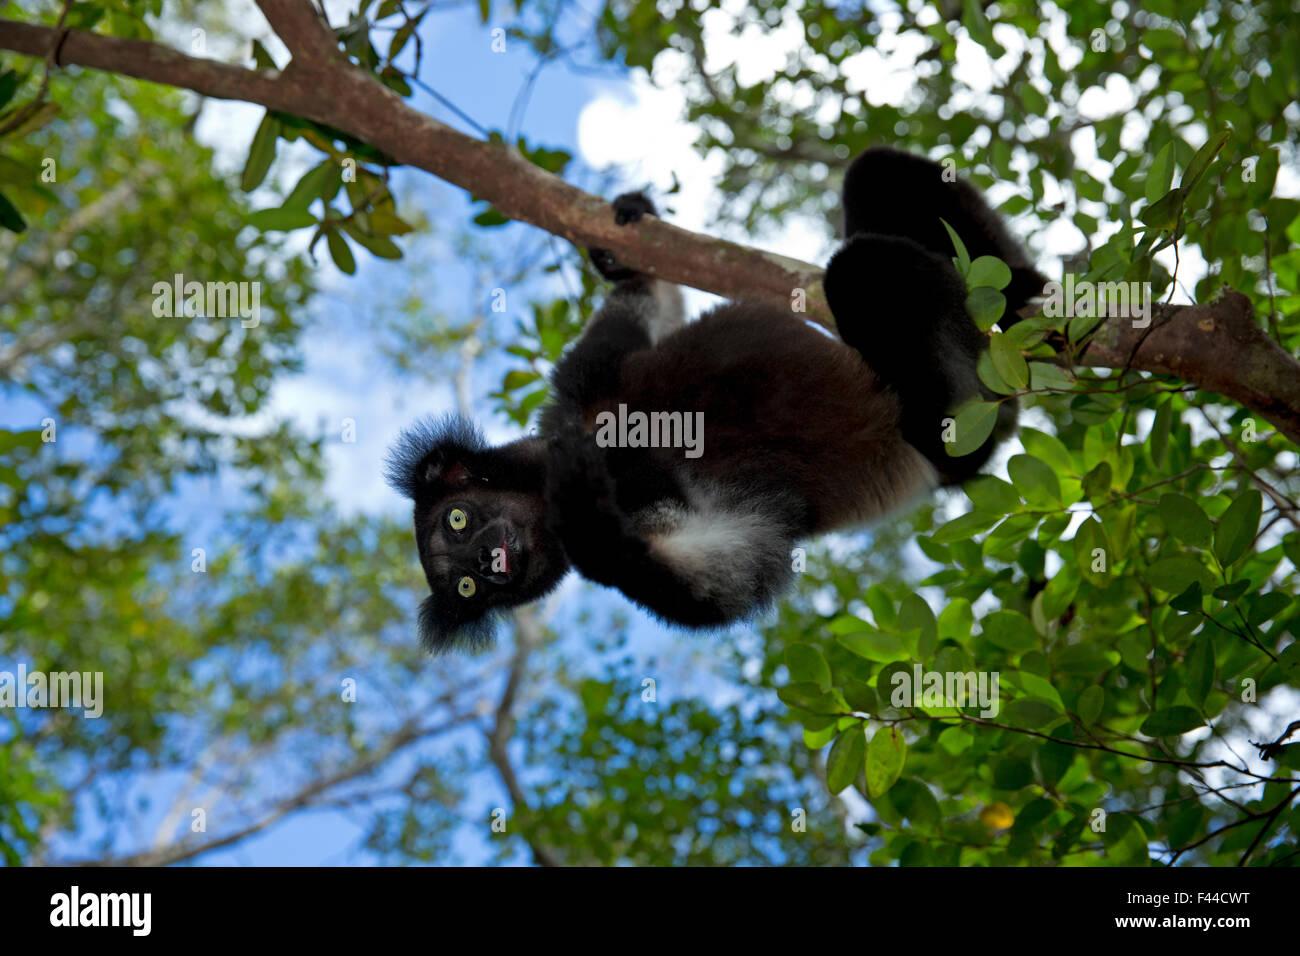 Indri (Indri indri) portrait in tropical rainforest habitat. Madagascar. - Stock Image